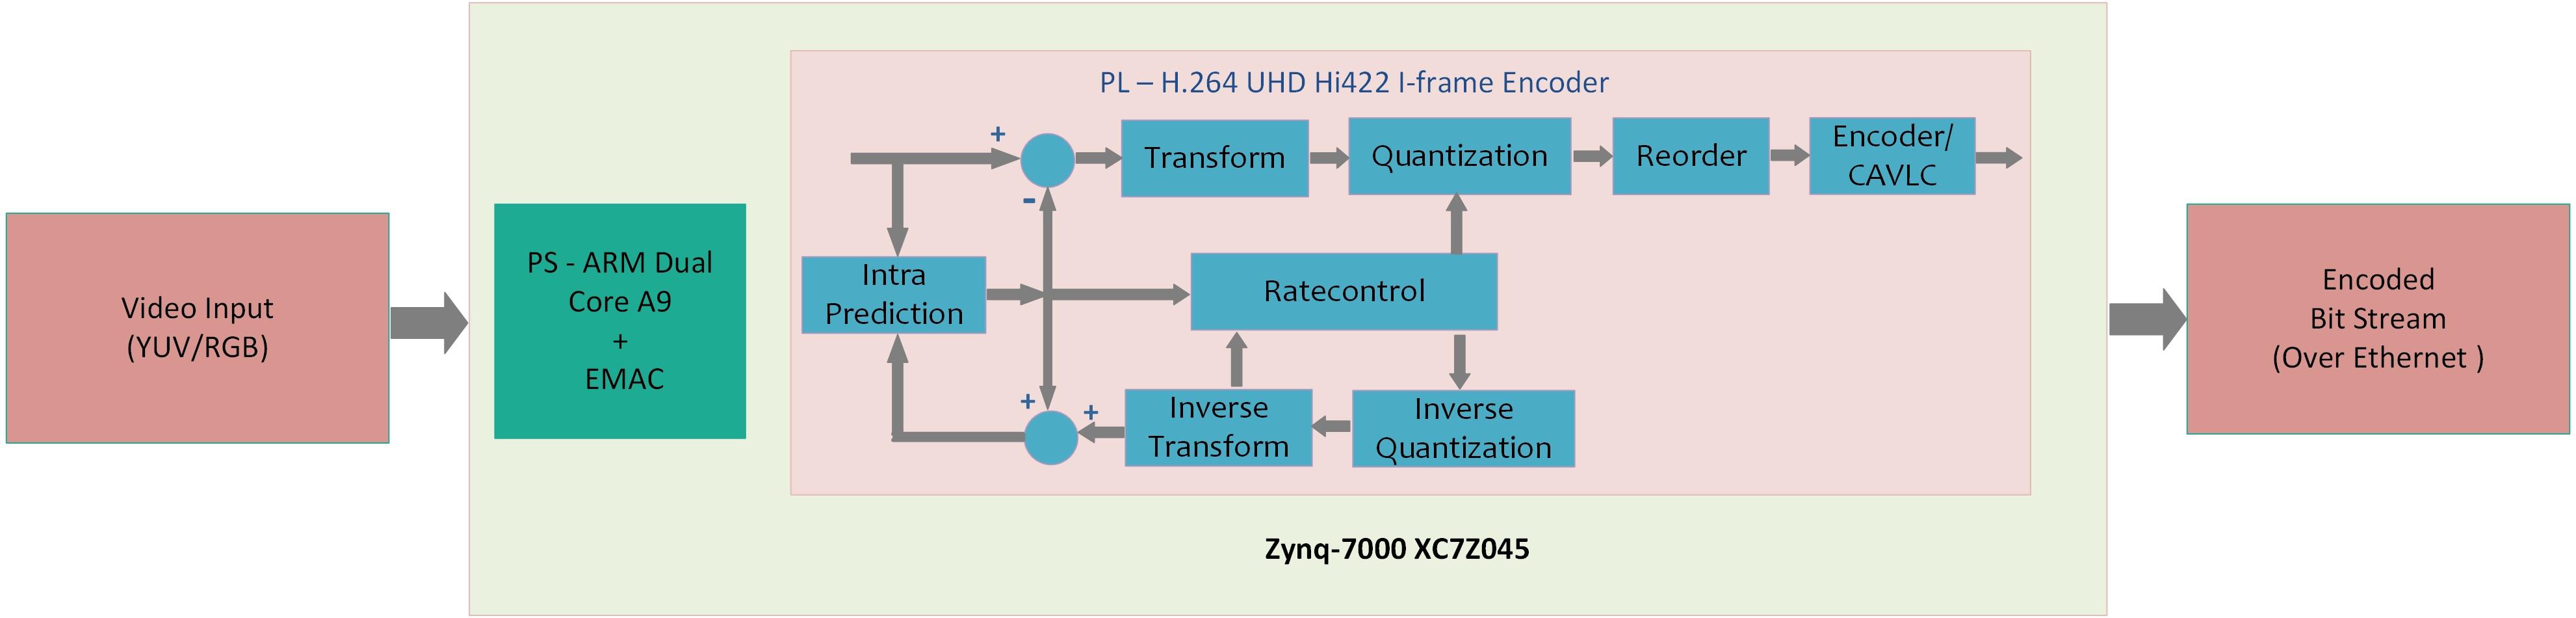 Atria Logic Diagram Encoder Applications